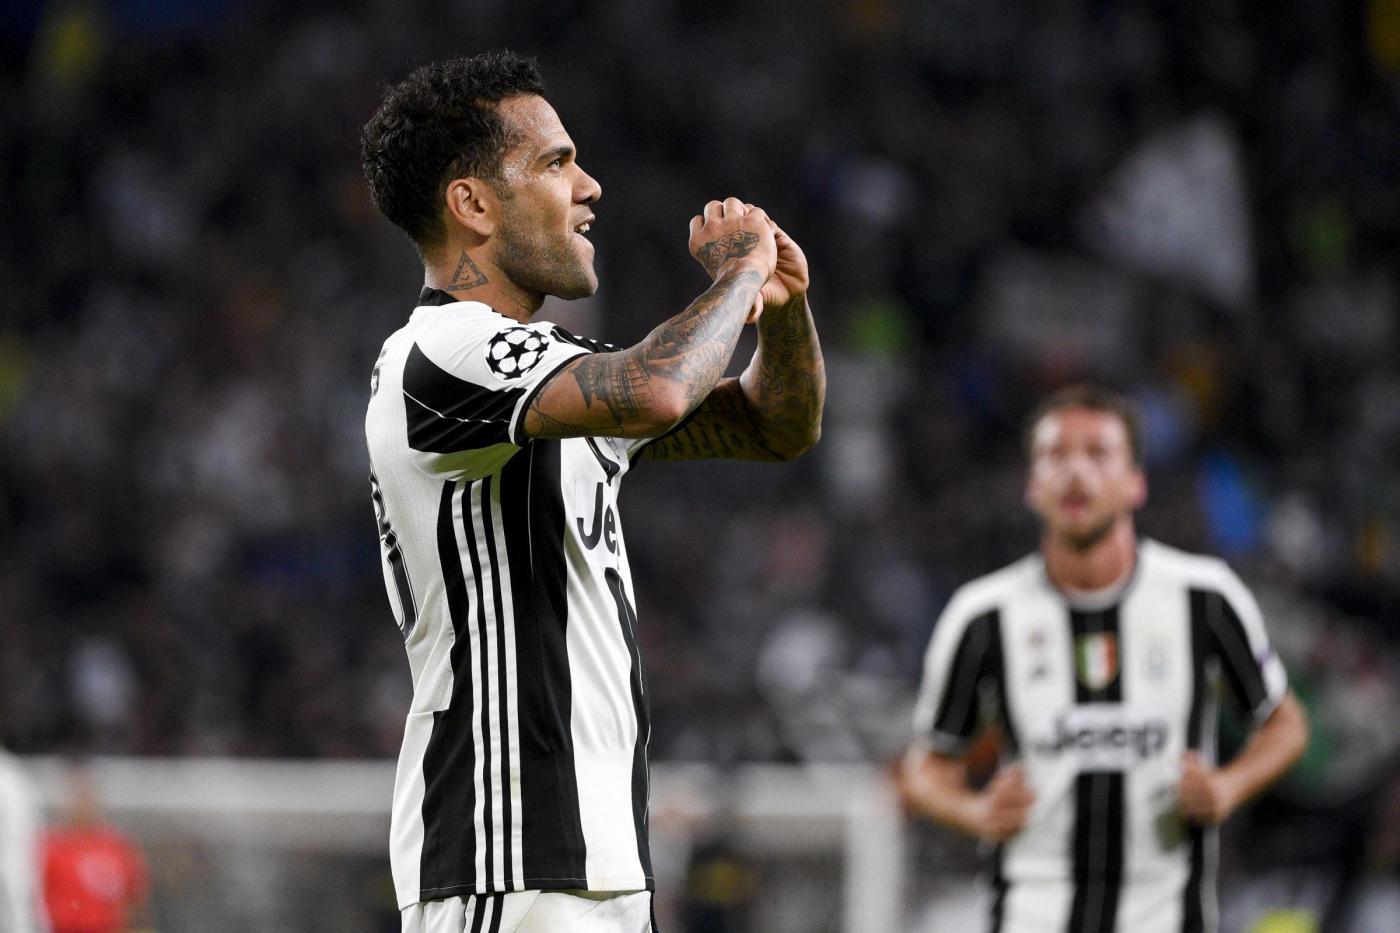 Finale Coppa Italia, Juventus-Lazio: dove e quando vederla